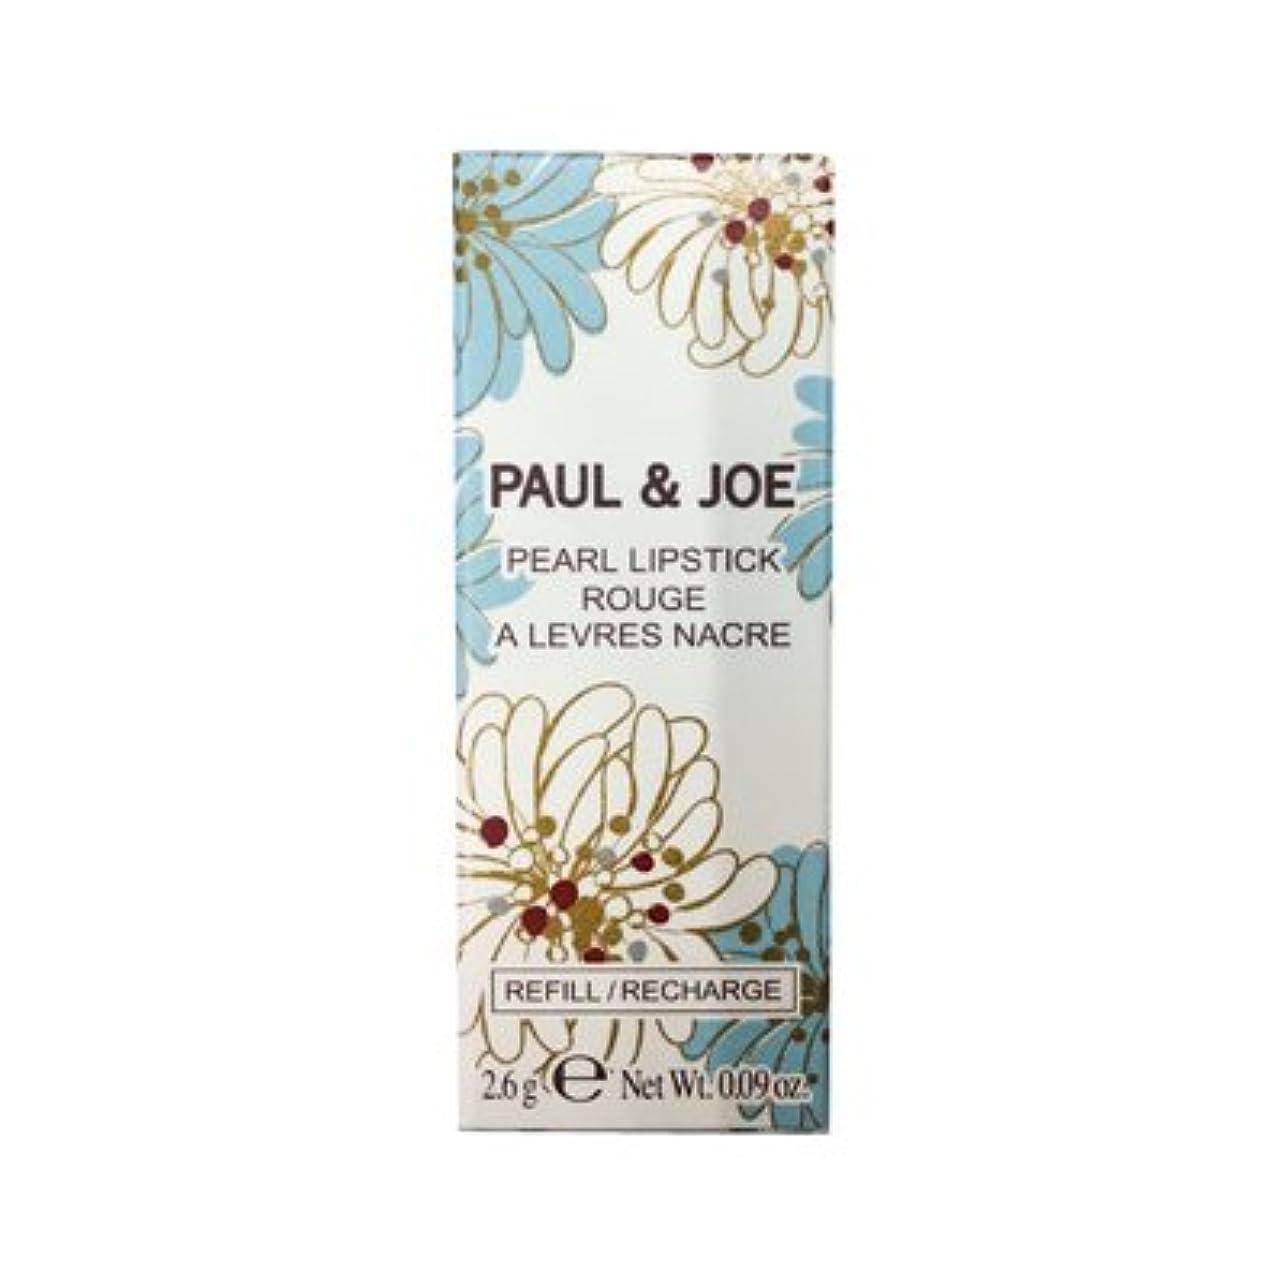 土器スカープパリティポール & ジョー/PAUL & JOE リップスティックスクレドール(レフィル) #402 [並行輸入品]